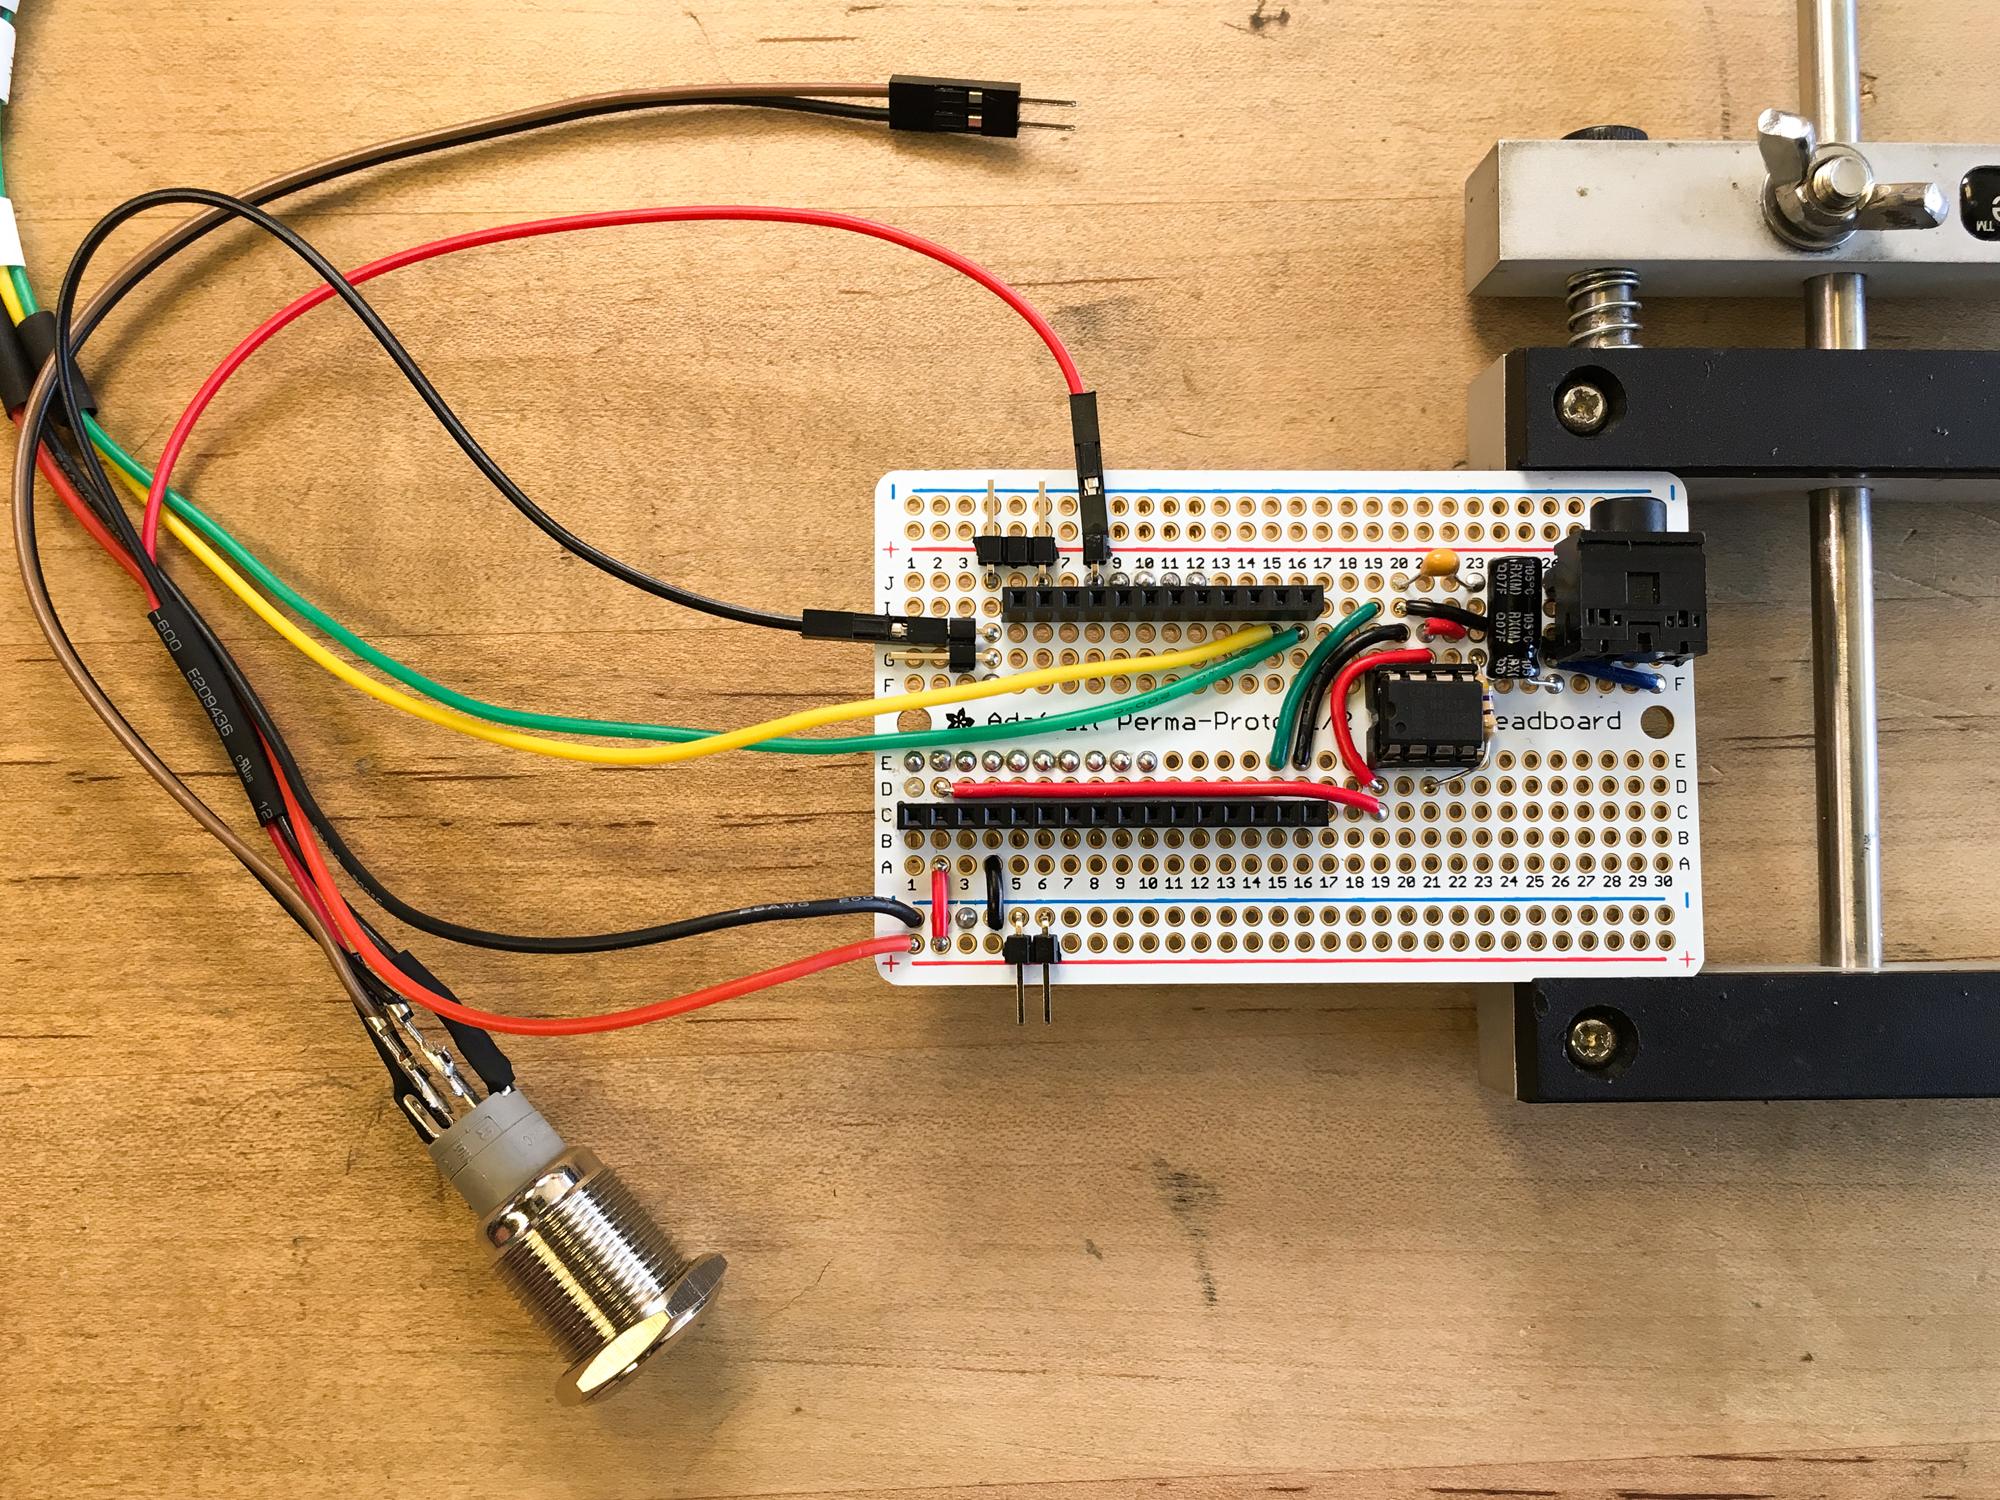 microcontrollers_IMG_2211_2k.jpg